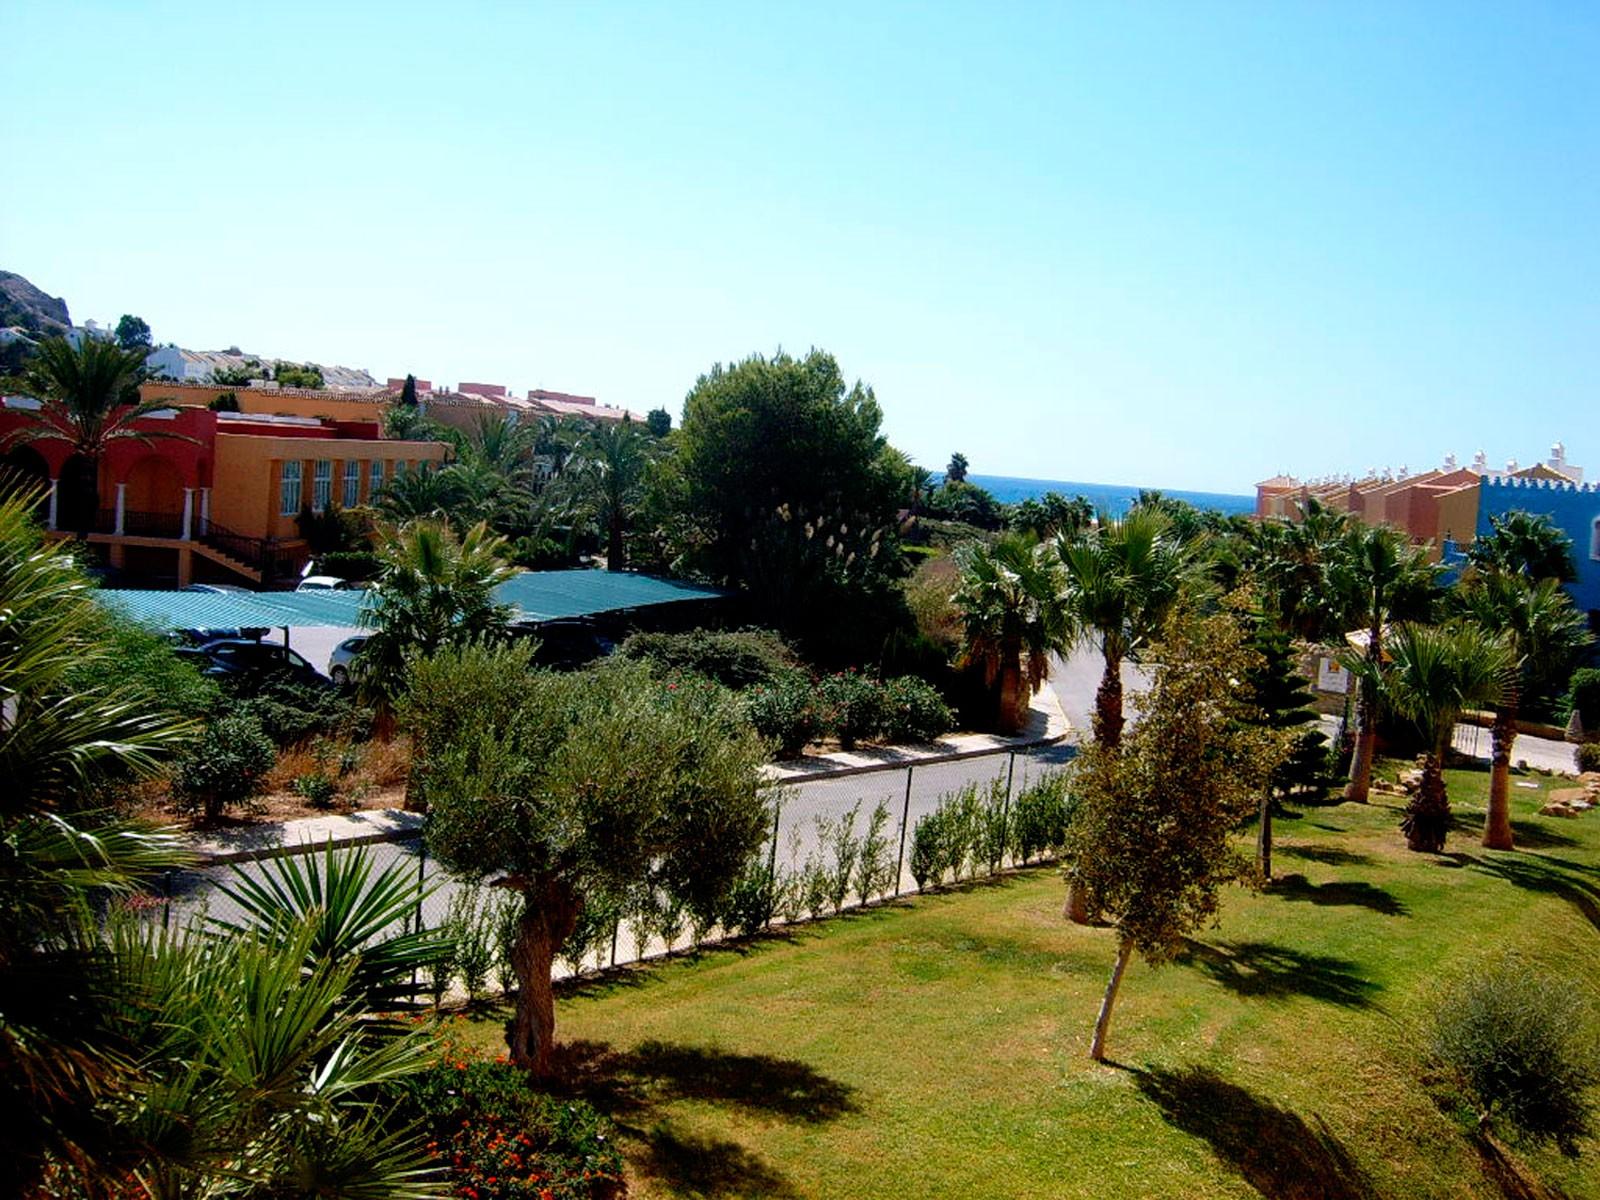 Venta apartamento de 2 dormitorios en jardines de zahara en zahara de los atunes - Jardines de zahara ...